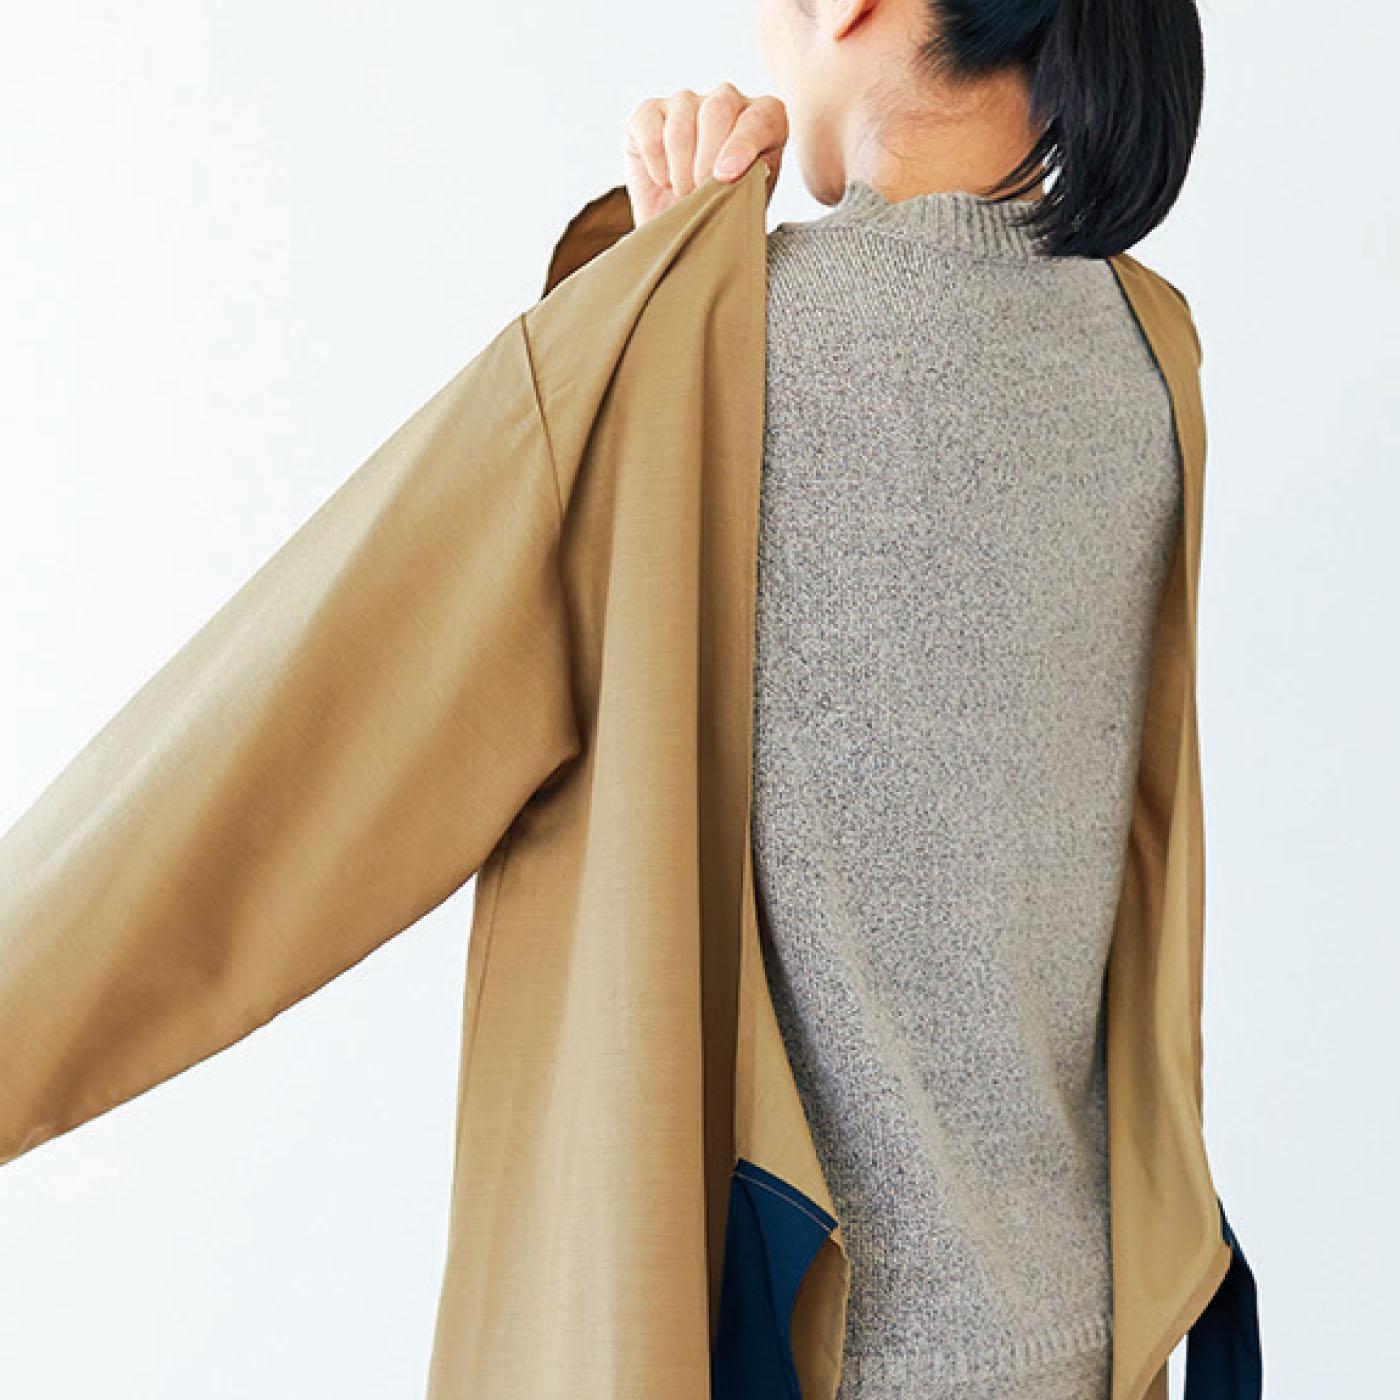 割烹着のように腕を通して着るだけなので、中に着るものを選ばずらくに着脱ができるのもうれしいポイント。